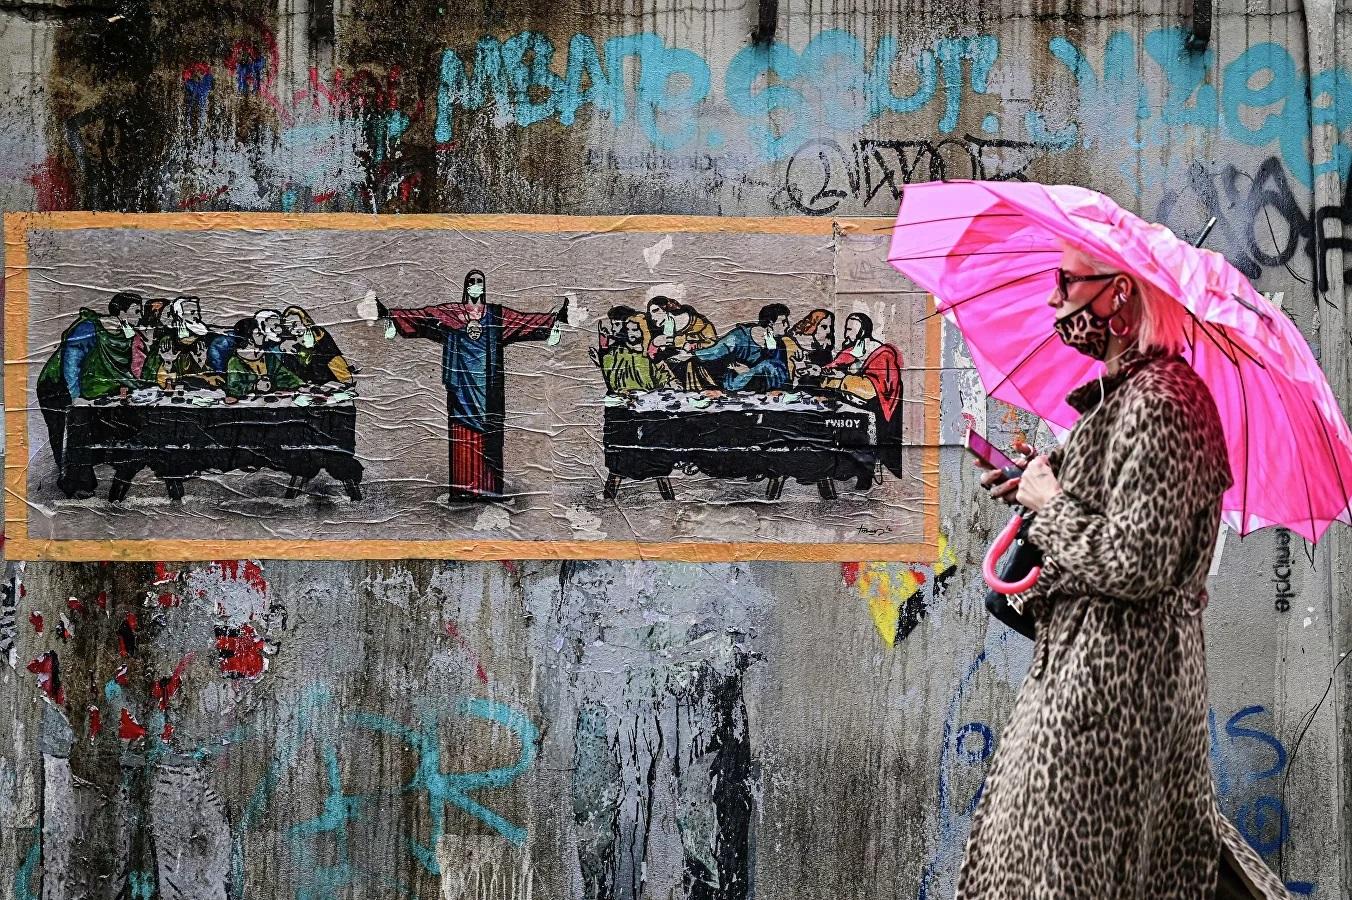 Tác phẩm của nghệ sĩ đường phố người Ý TvBoy ở Milan.